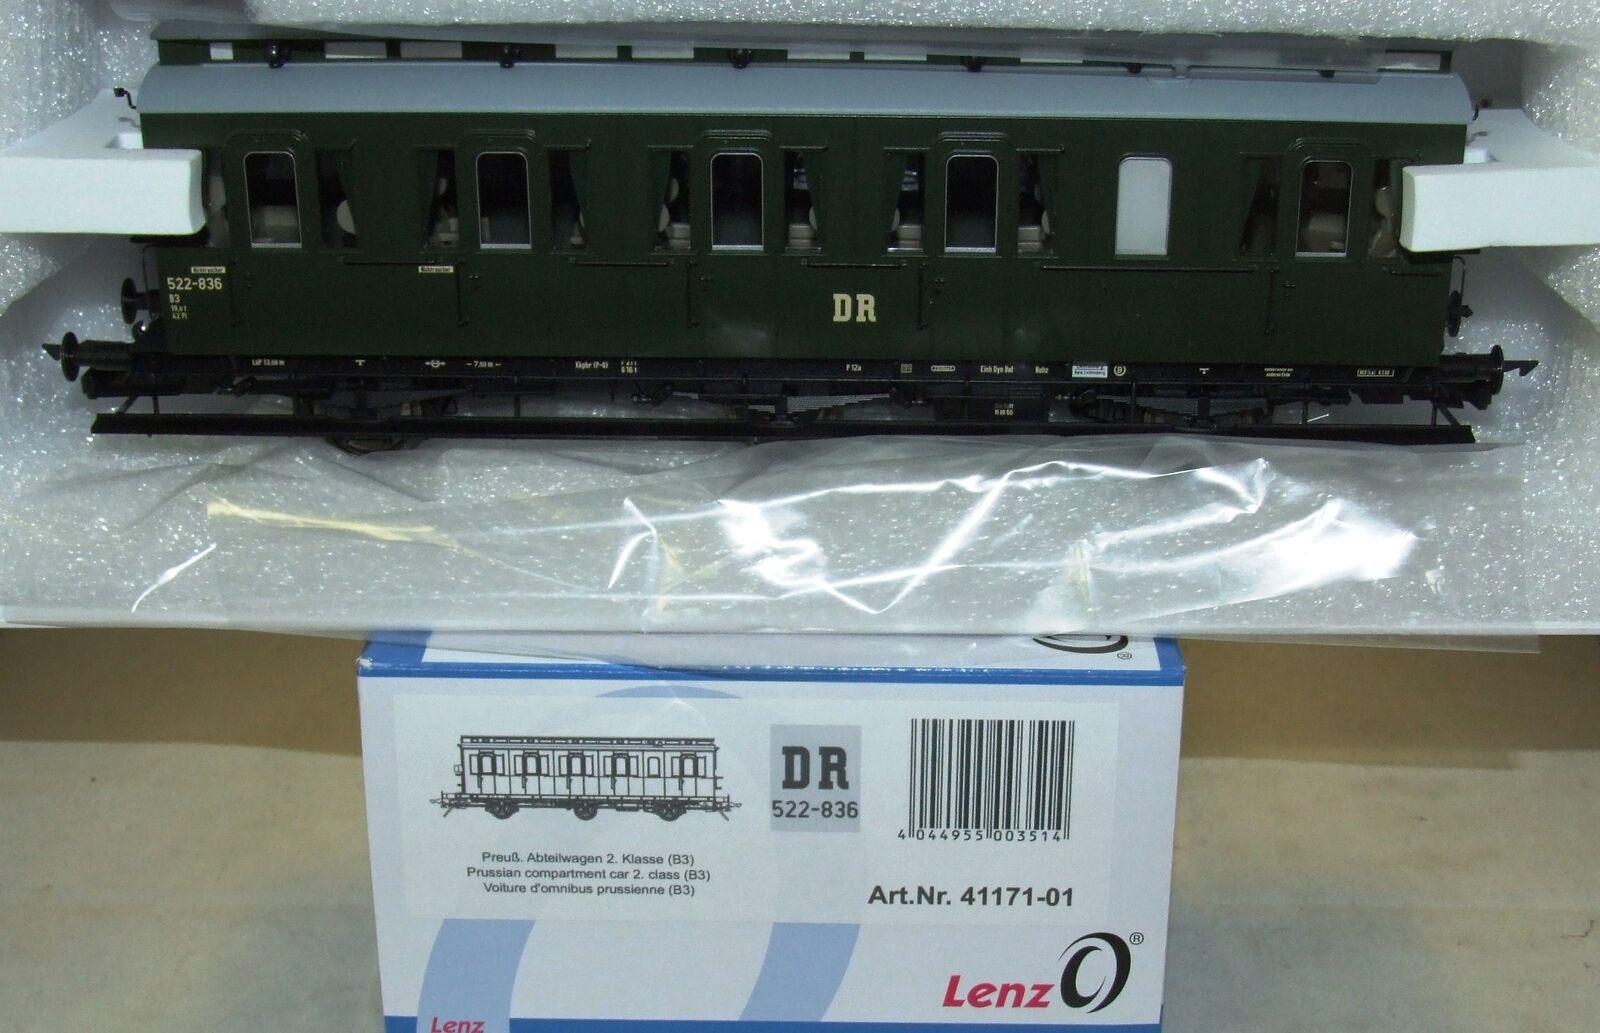 Seleccione de las marcas más nuevas como Lenz 41171-01 Escala 0 Prusiano Vagón de Compartimentos Modelo B3 B3 B3 o Bremserh Dr  envío gratis